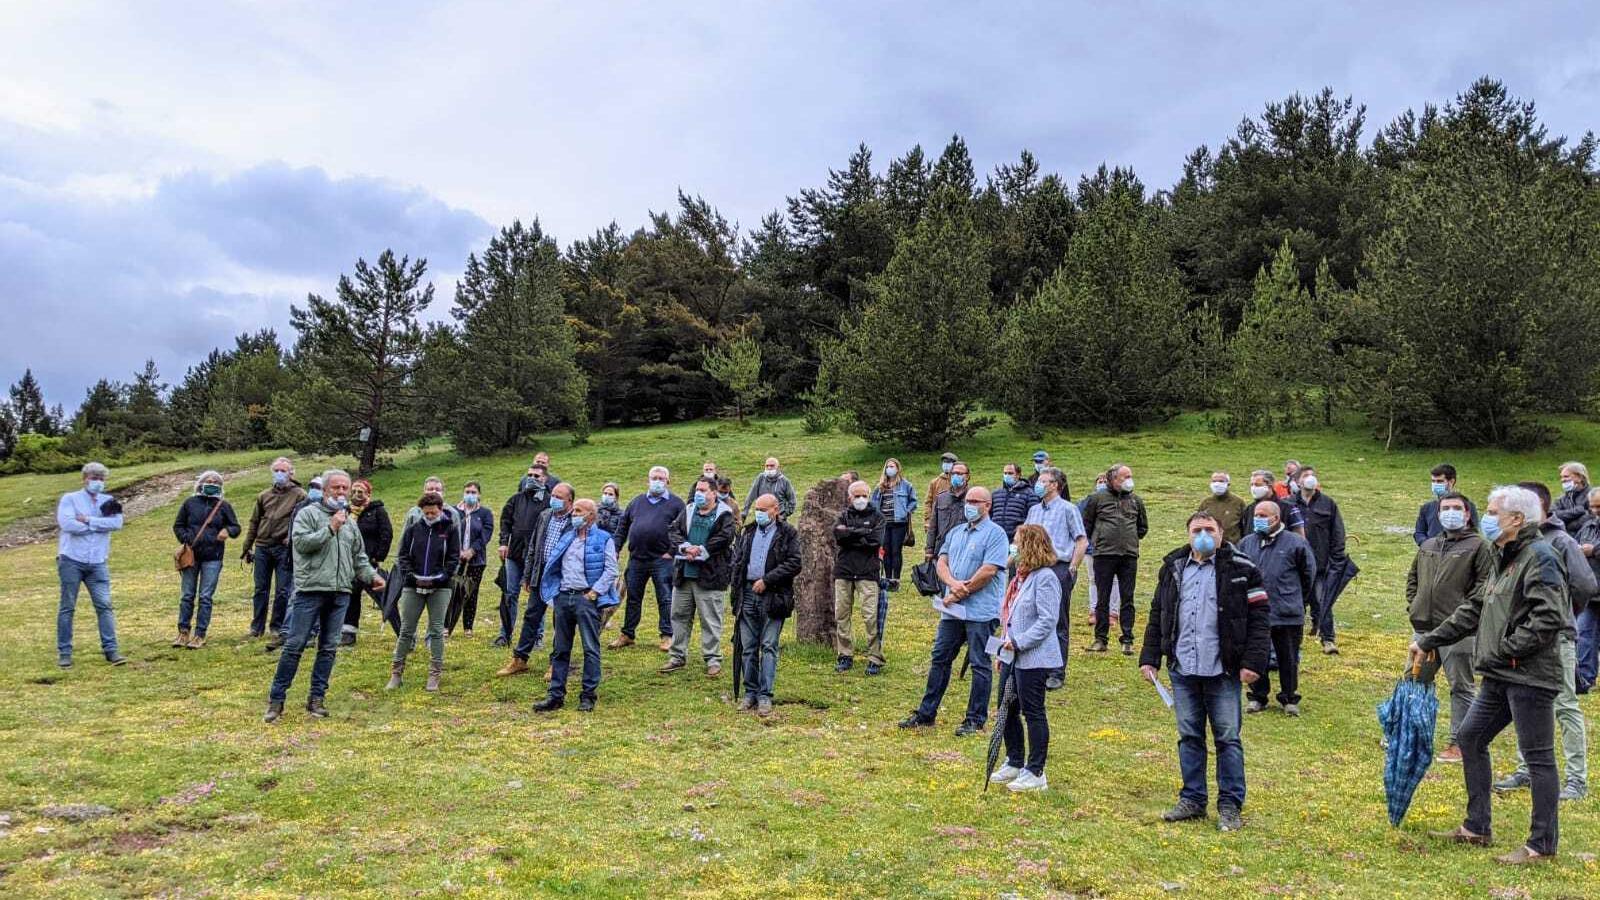 Un centenar d'institucions i entitats reclamen que s'ajorni l'aprovació de l'Agència de la Natura